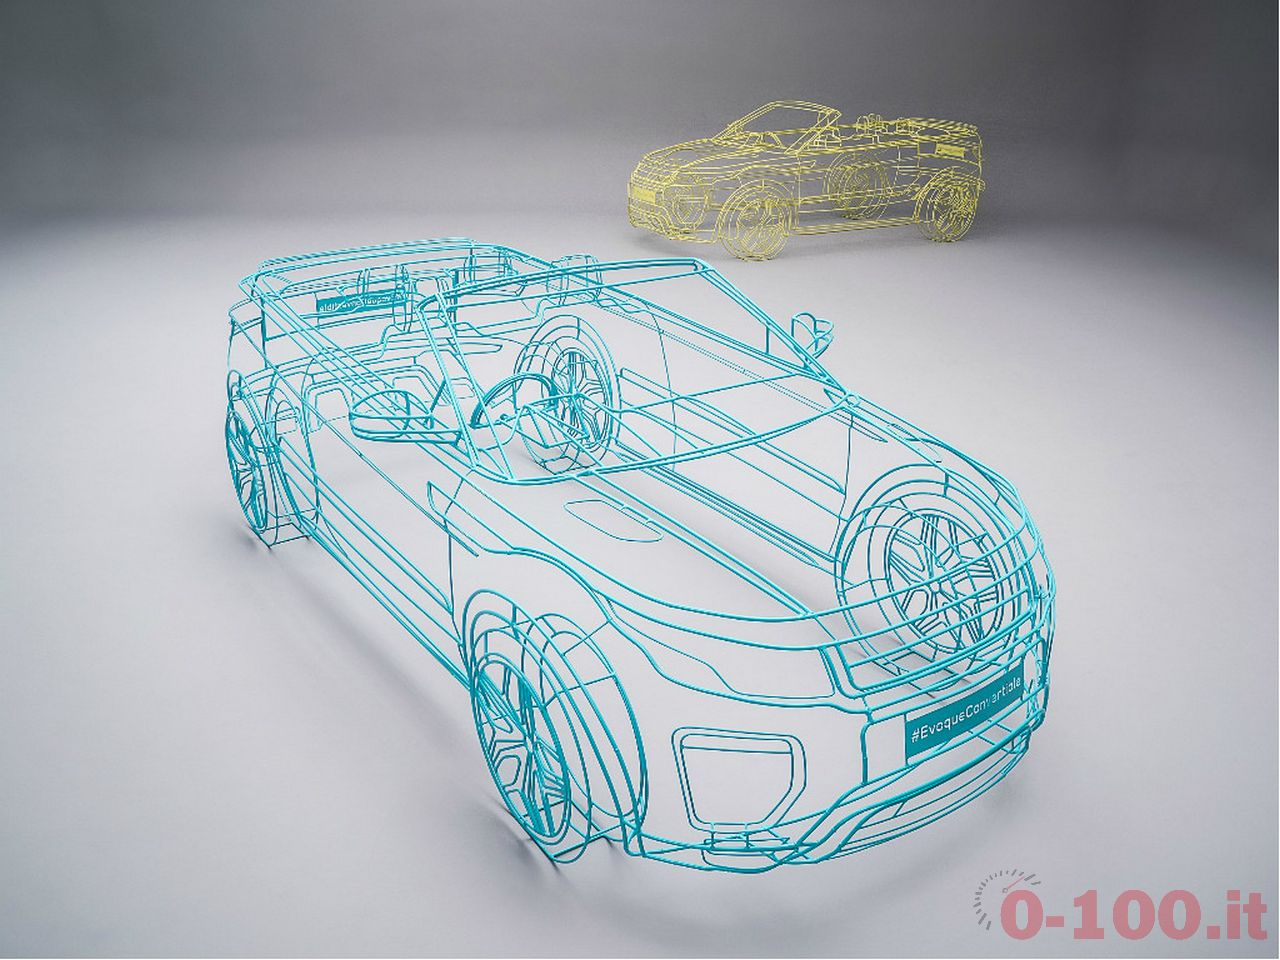 anteprima-salone-di-los-angeles-2015-range-rover-evoque-convertible_0-1004